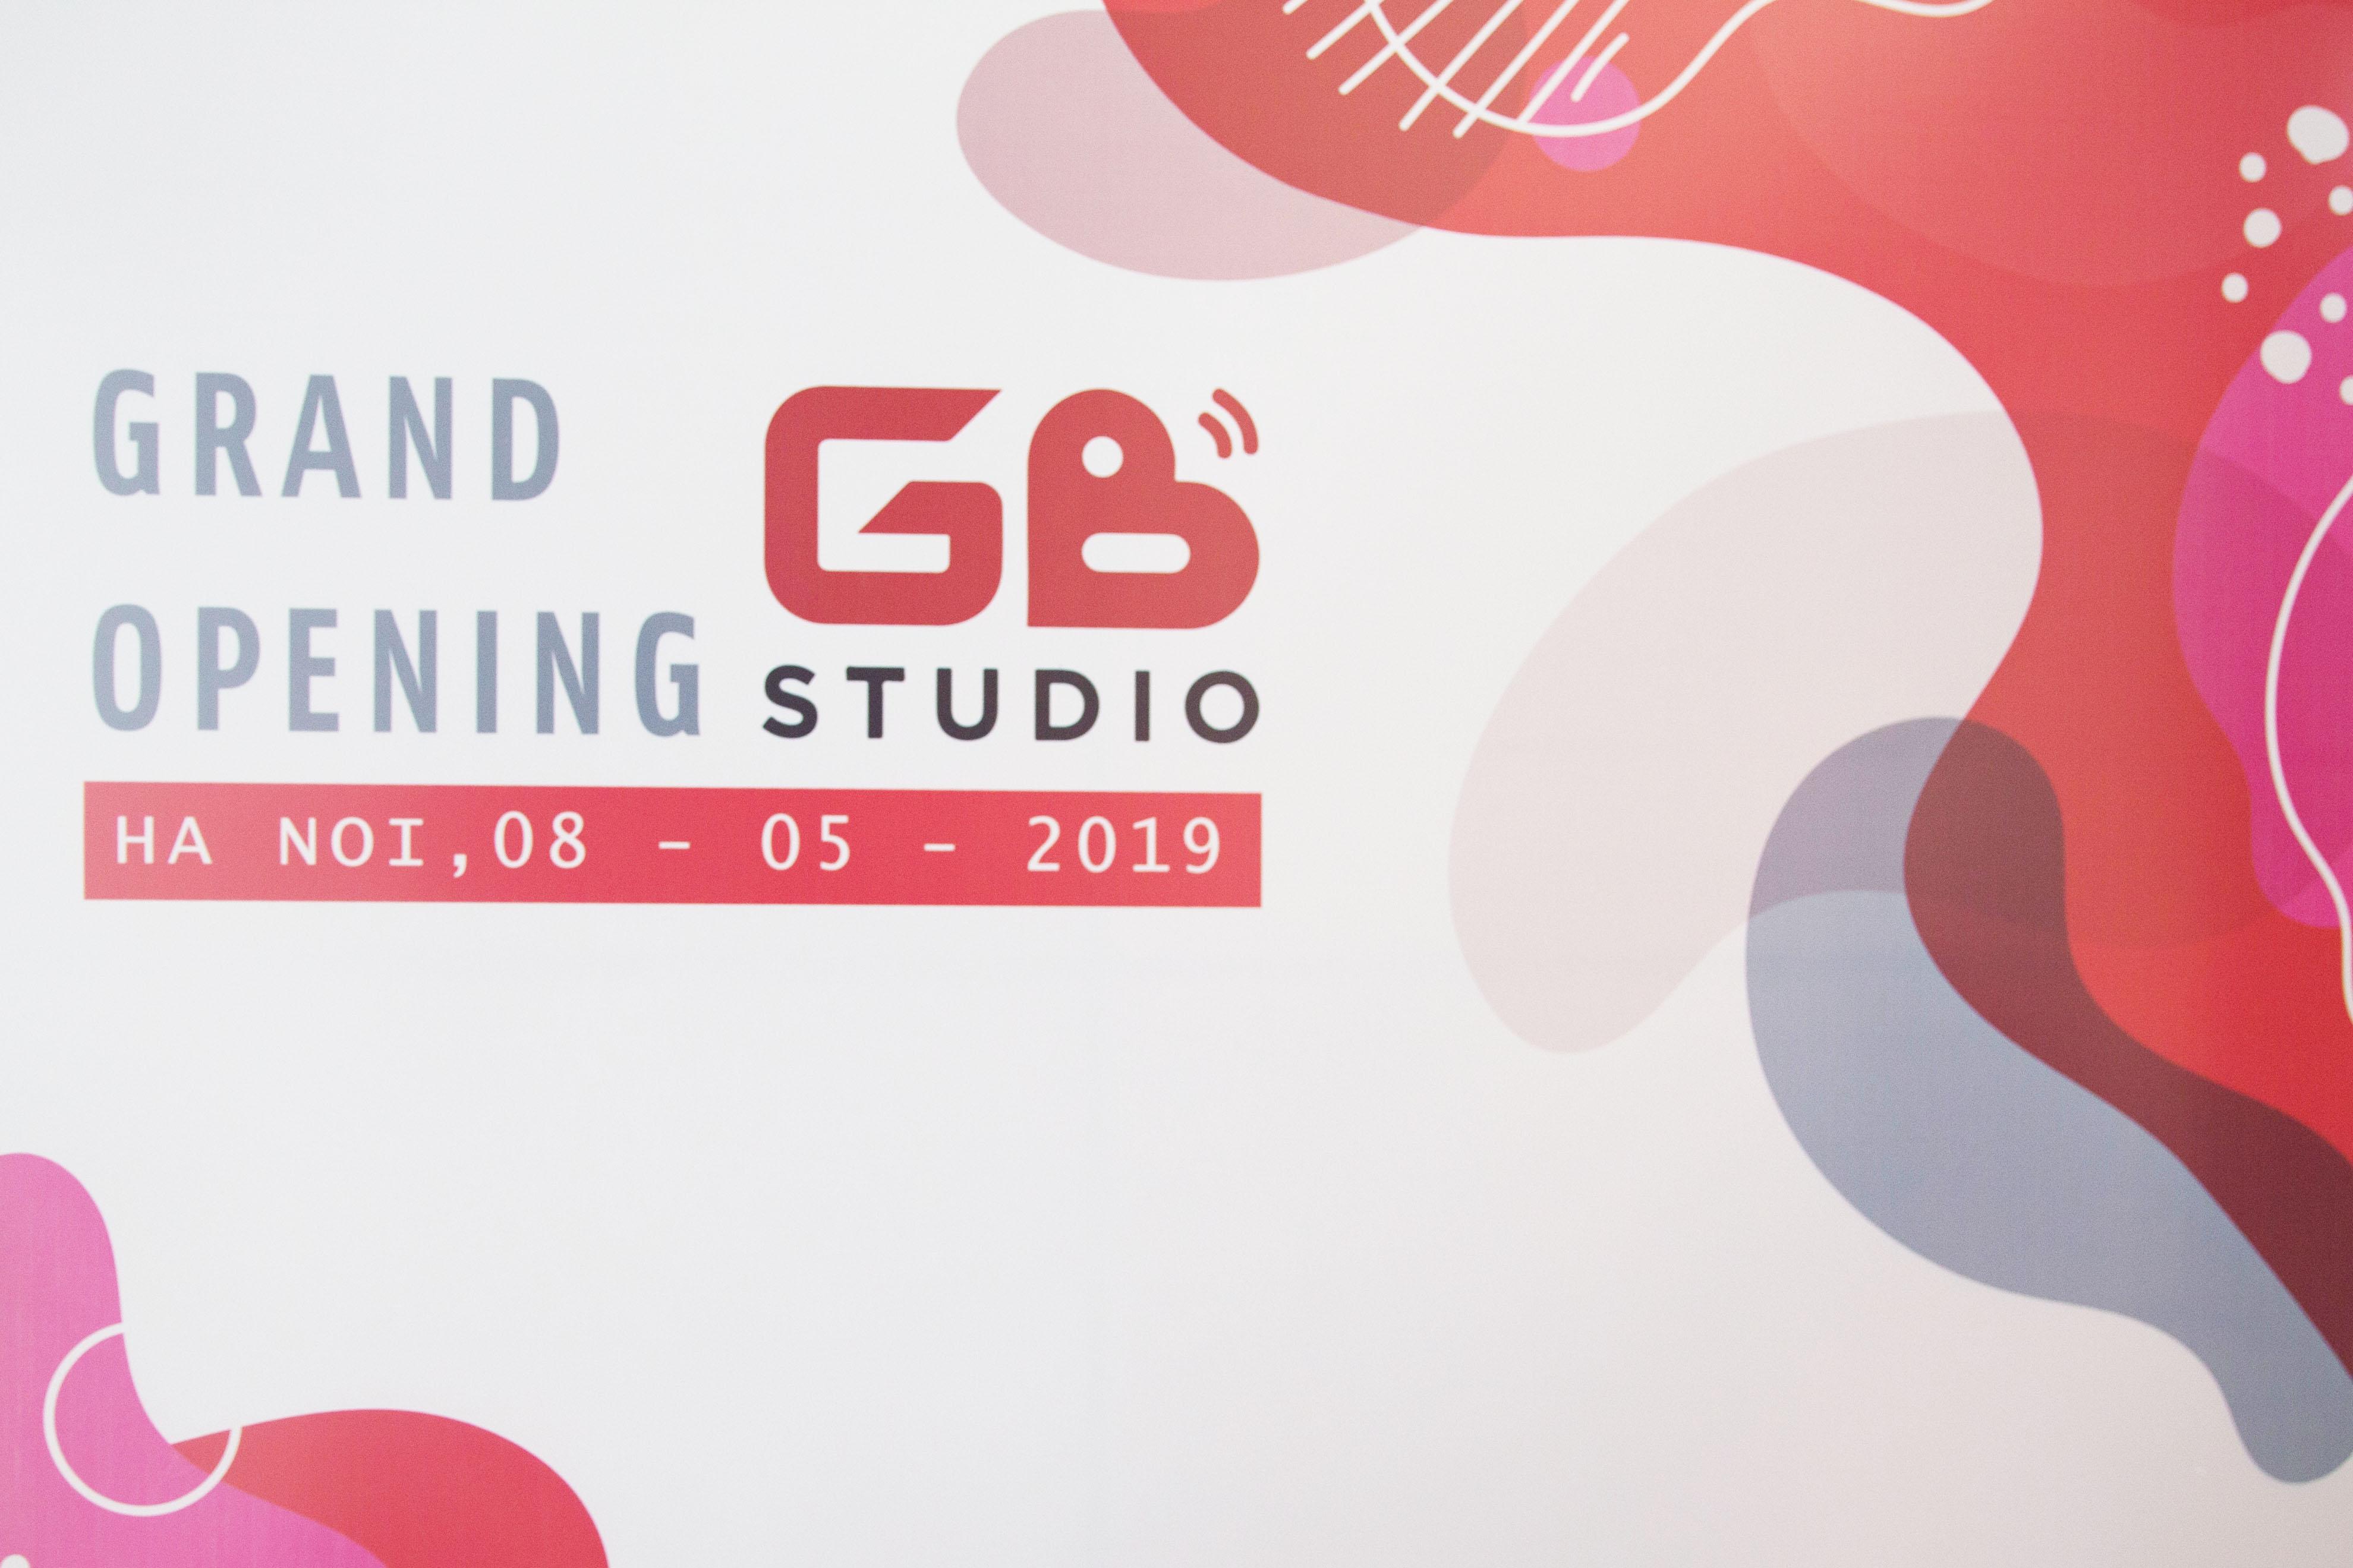 Khai trương văn phòng GB Studio đánh dấu mốc hợp tác chiến lược của GTV và BEATVN